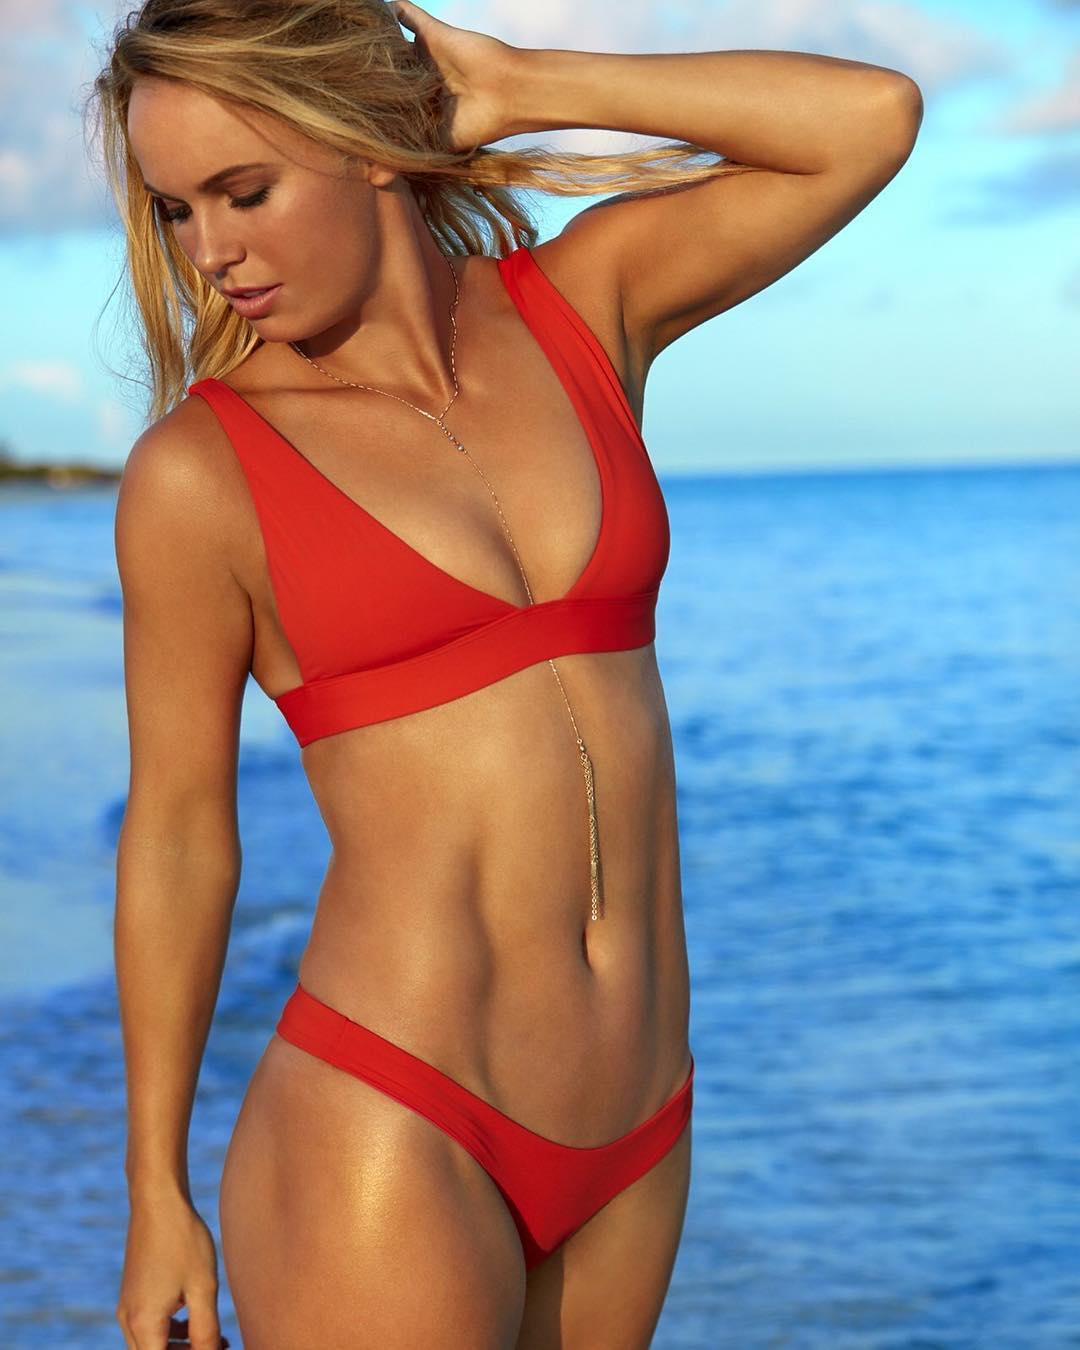 verdens hotteste kvinde dansk fisse